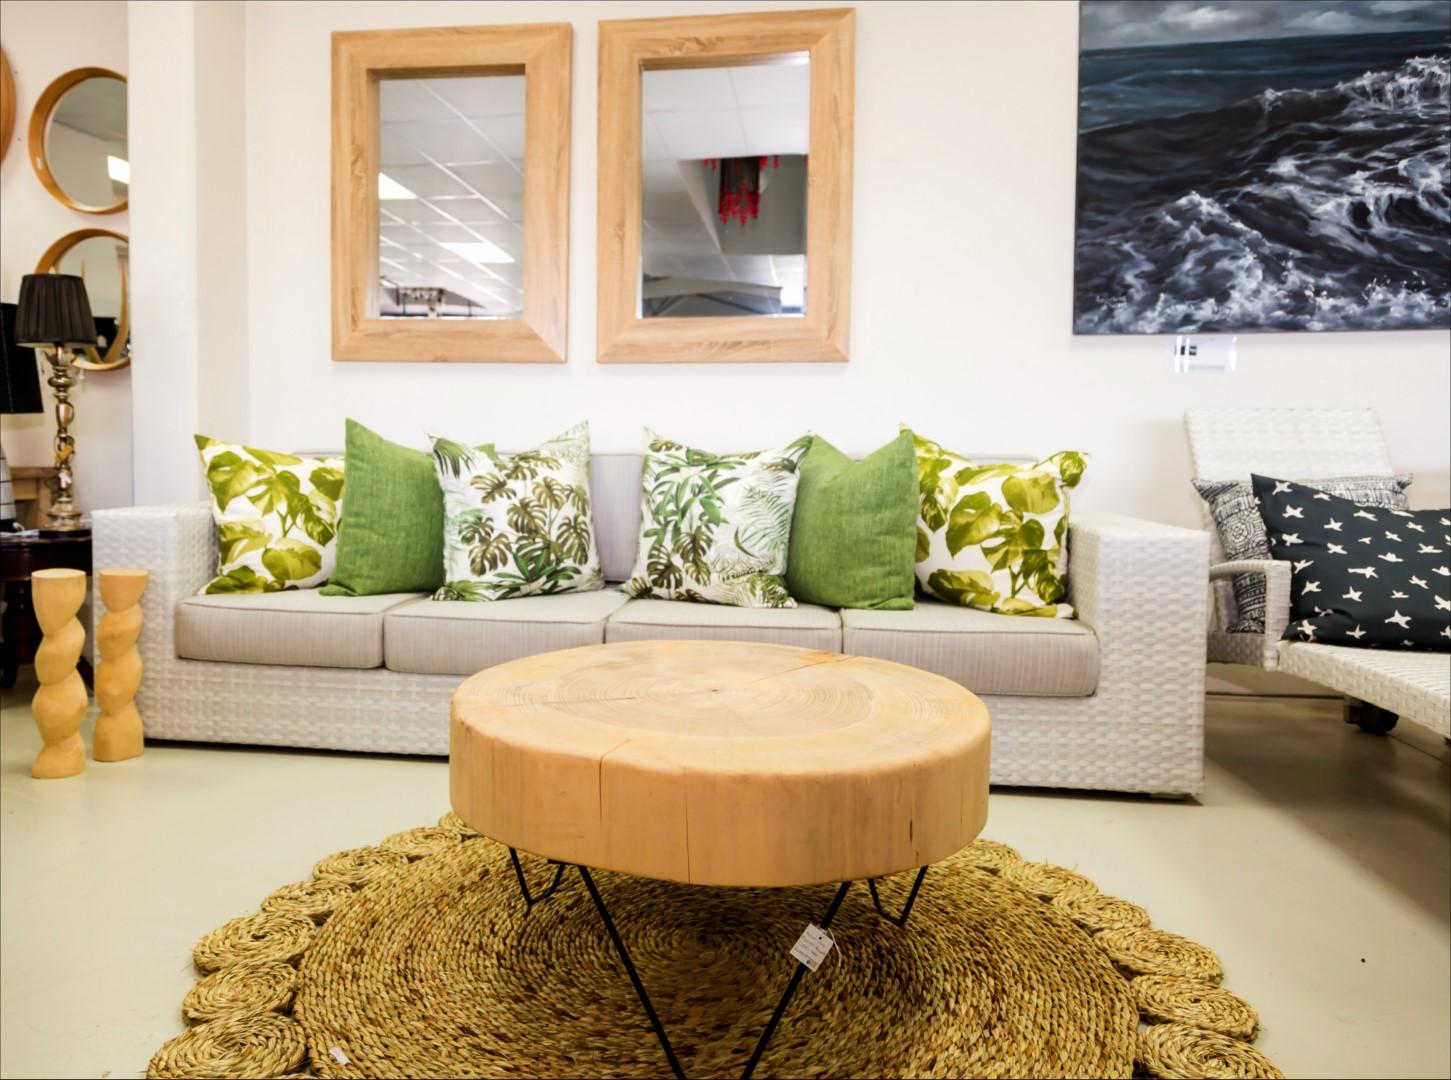 Mirage outdoor sofa